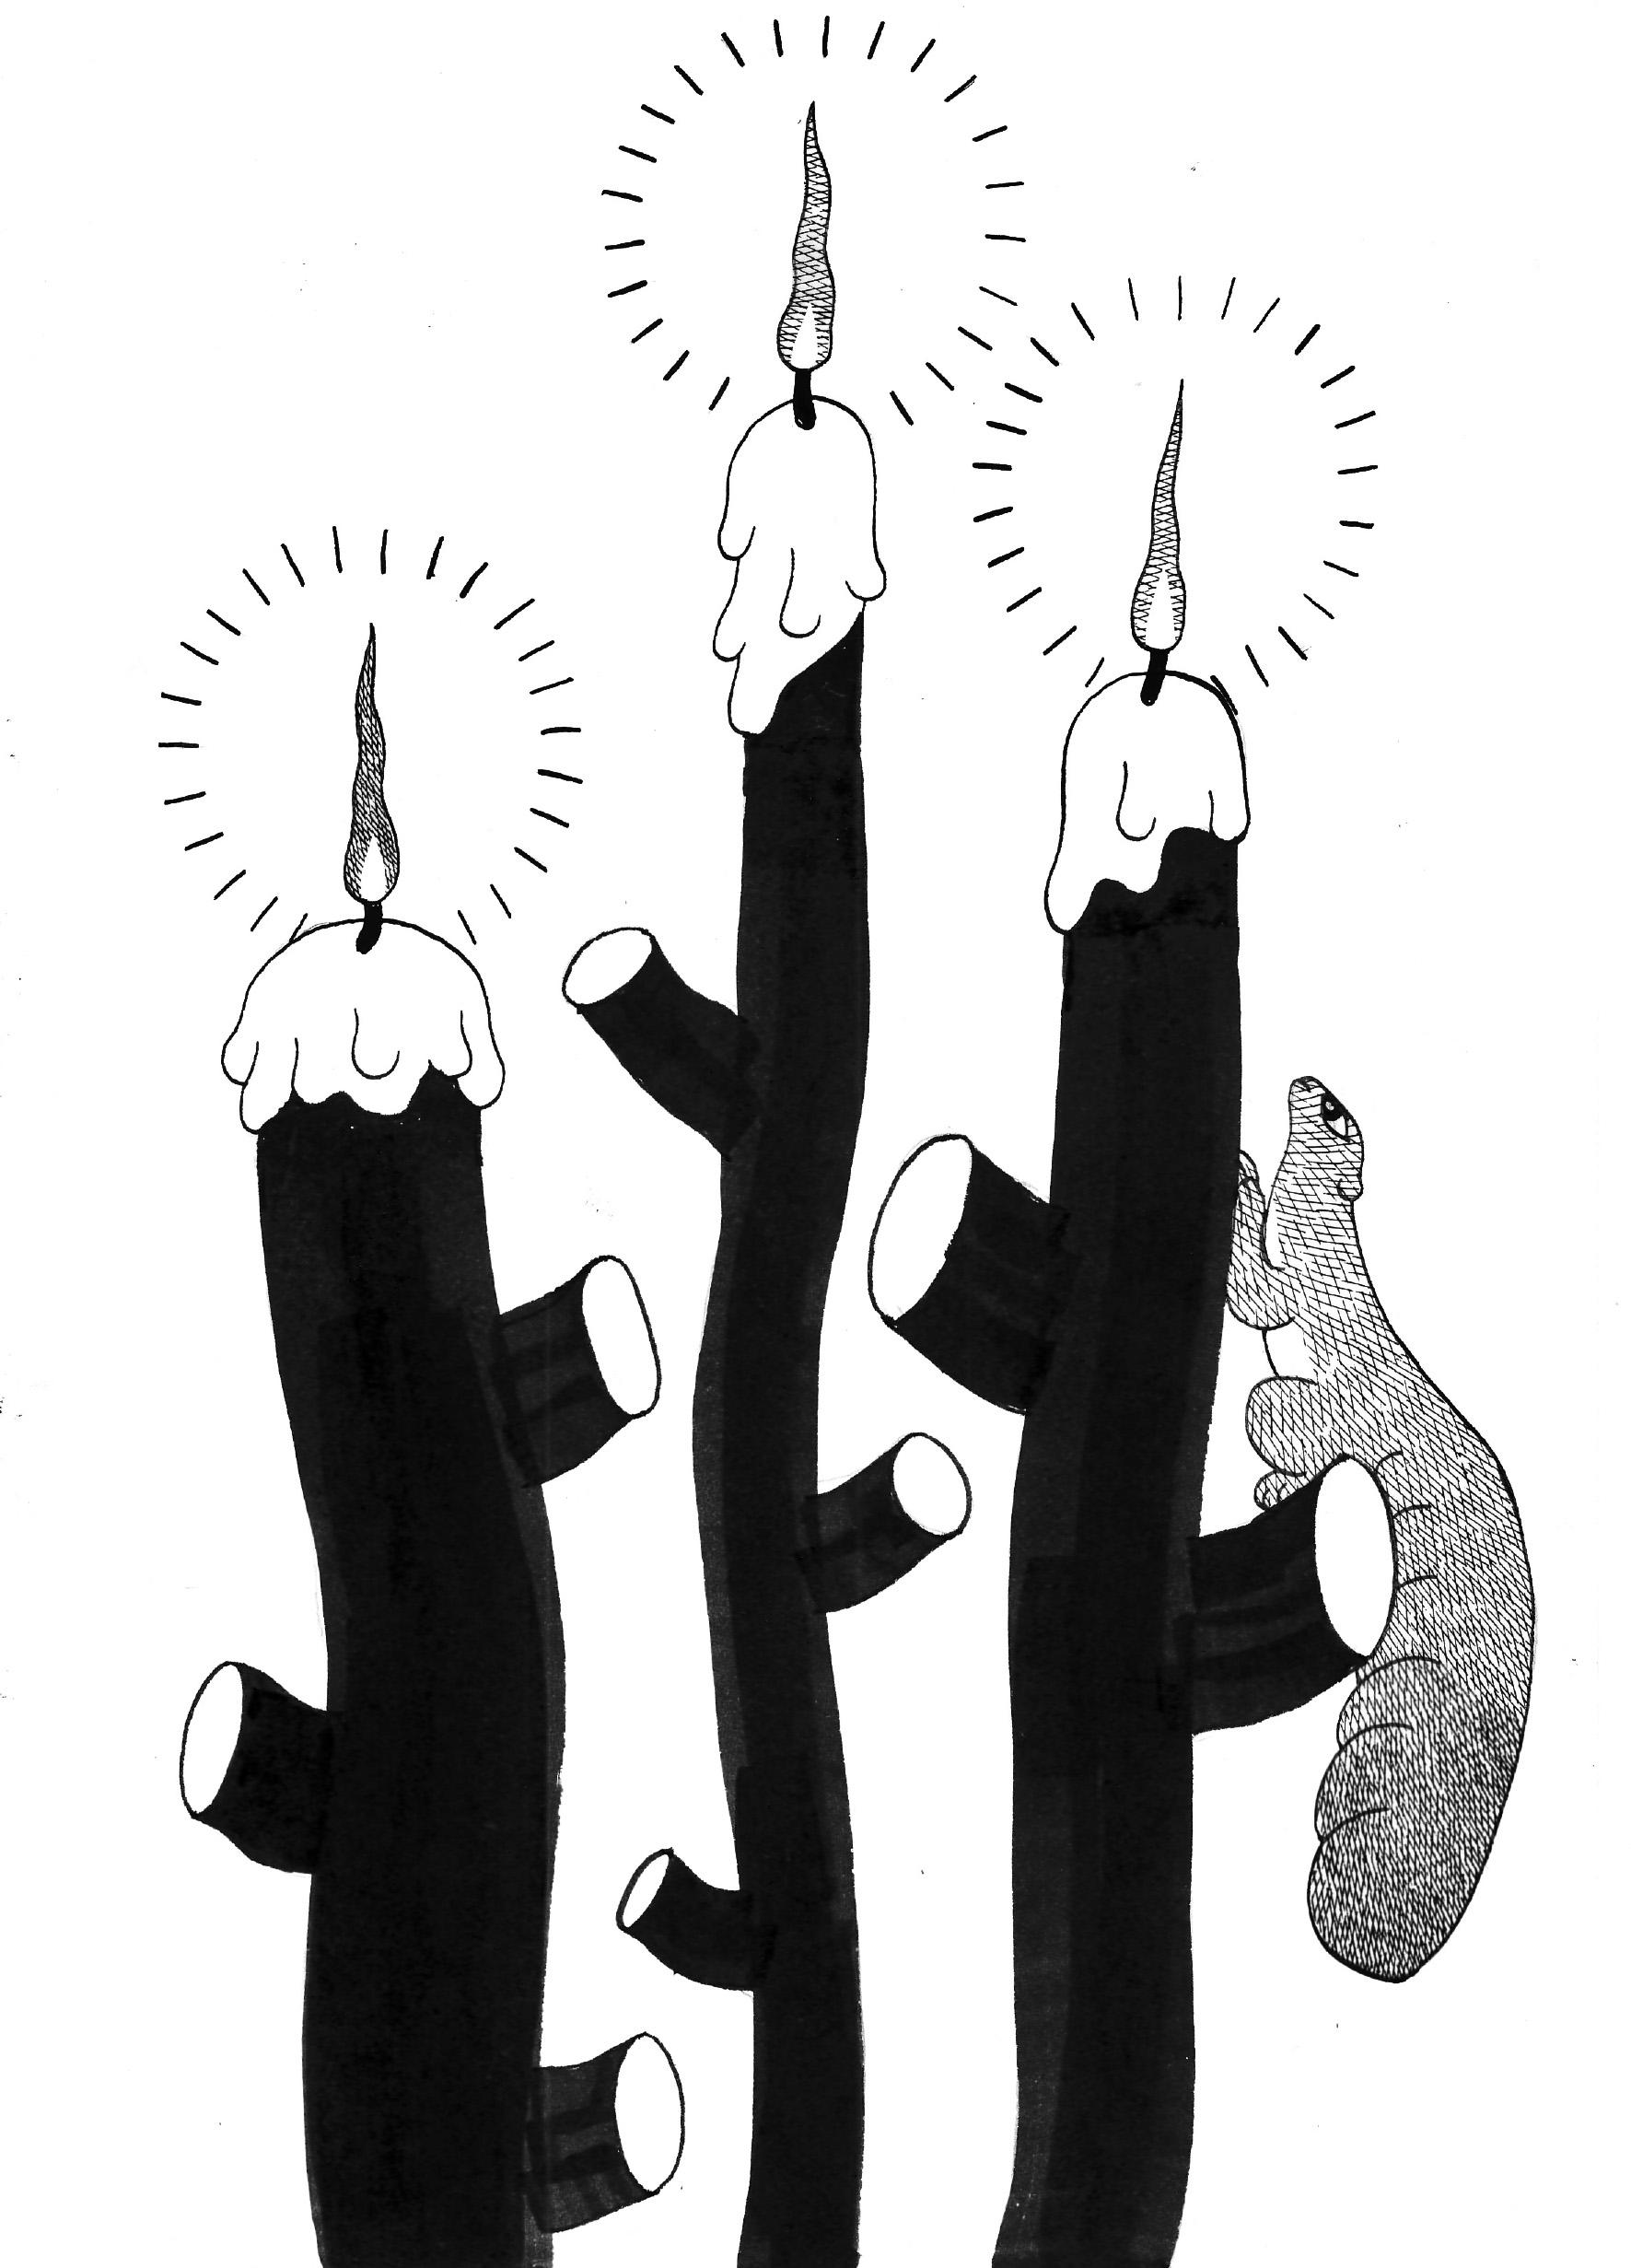 ロウソクを登るリス / Squirrel Crimbing Tree